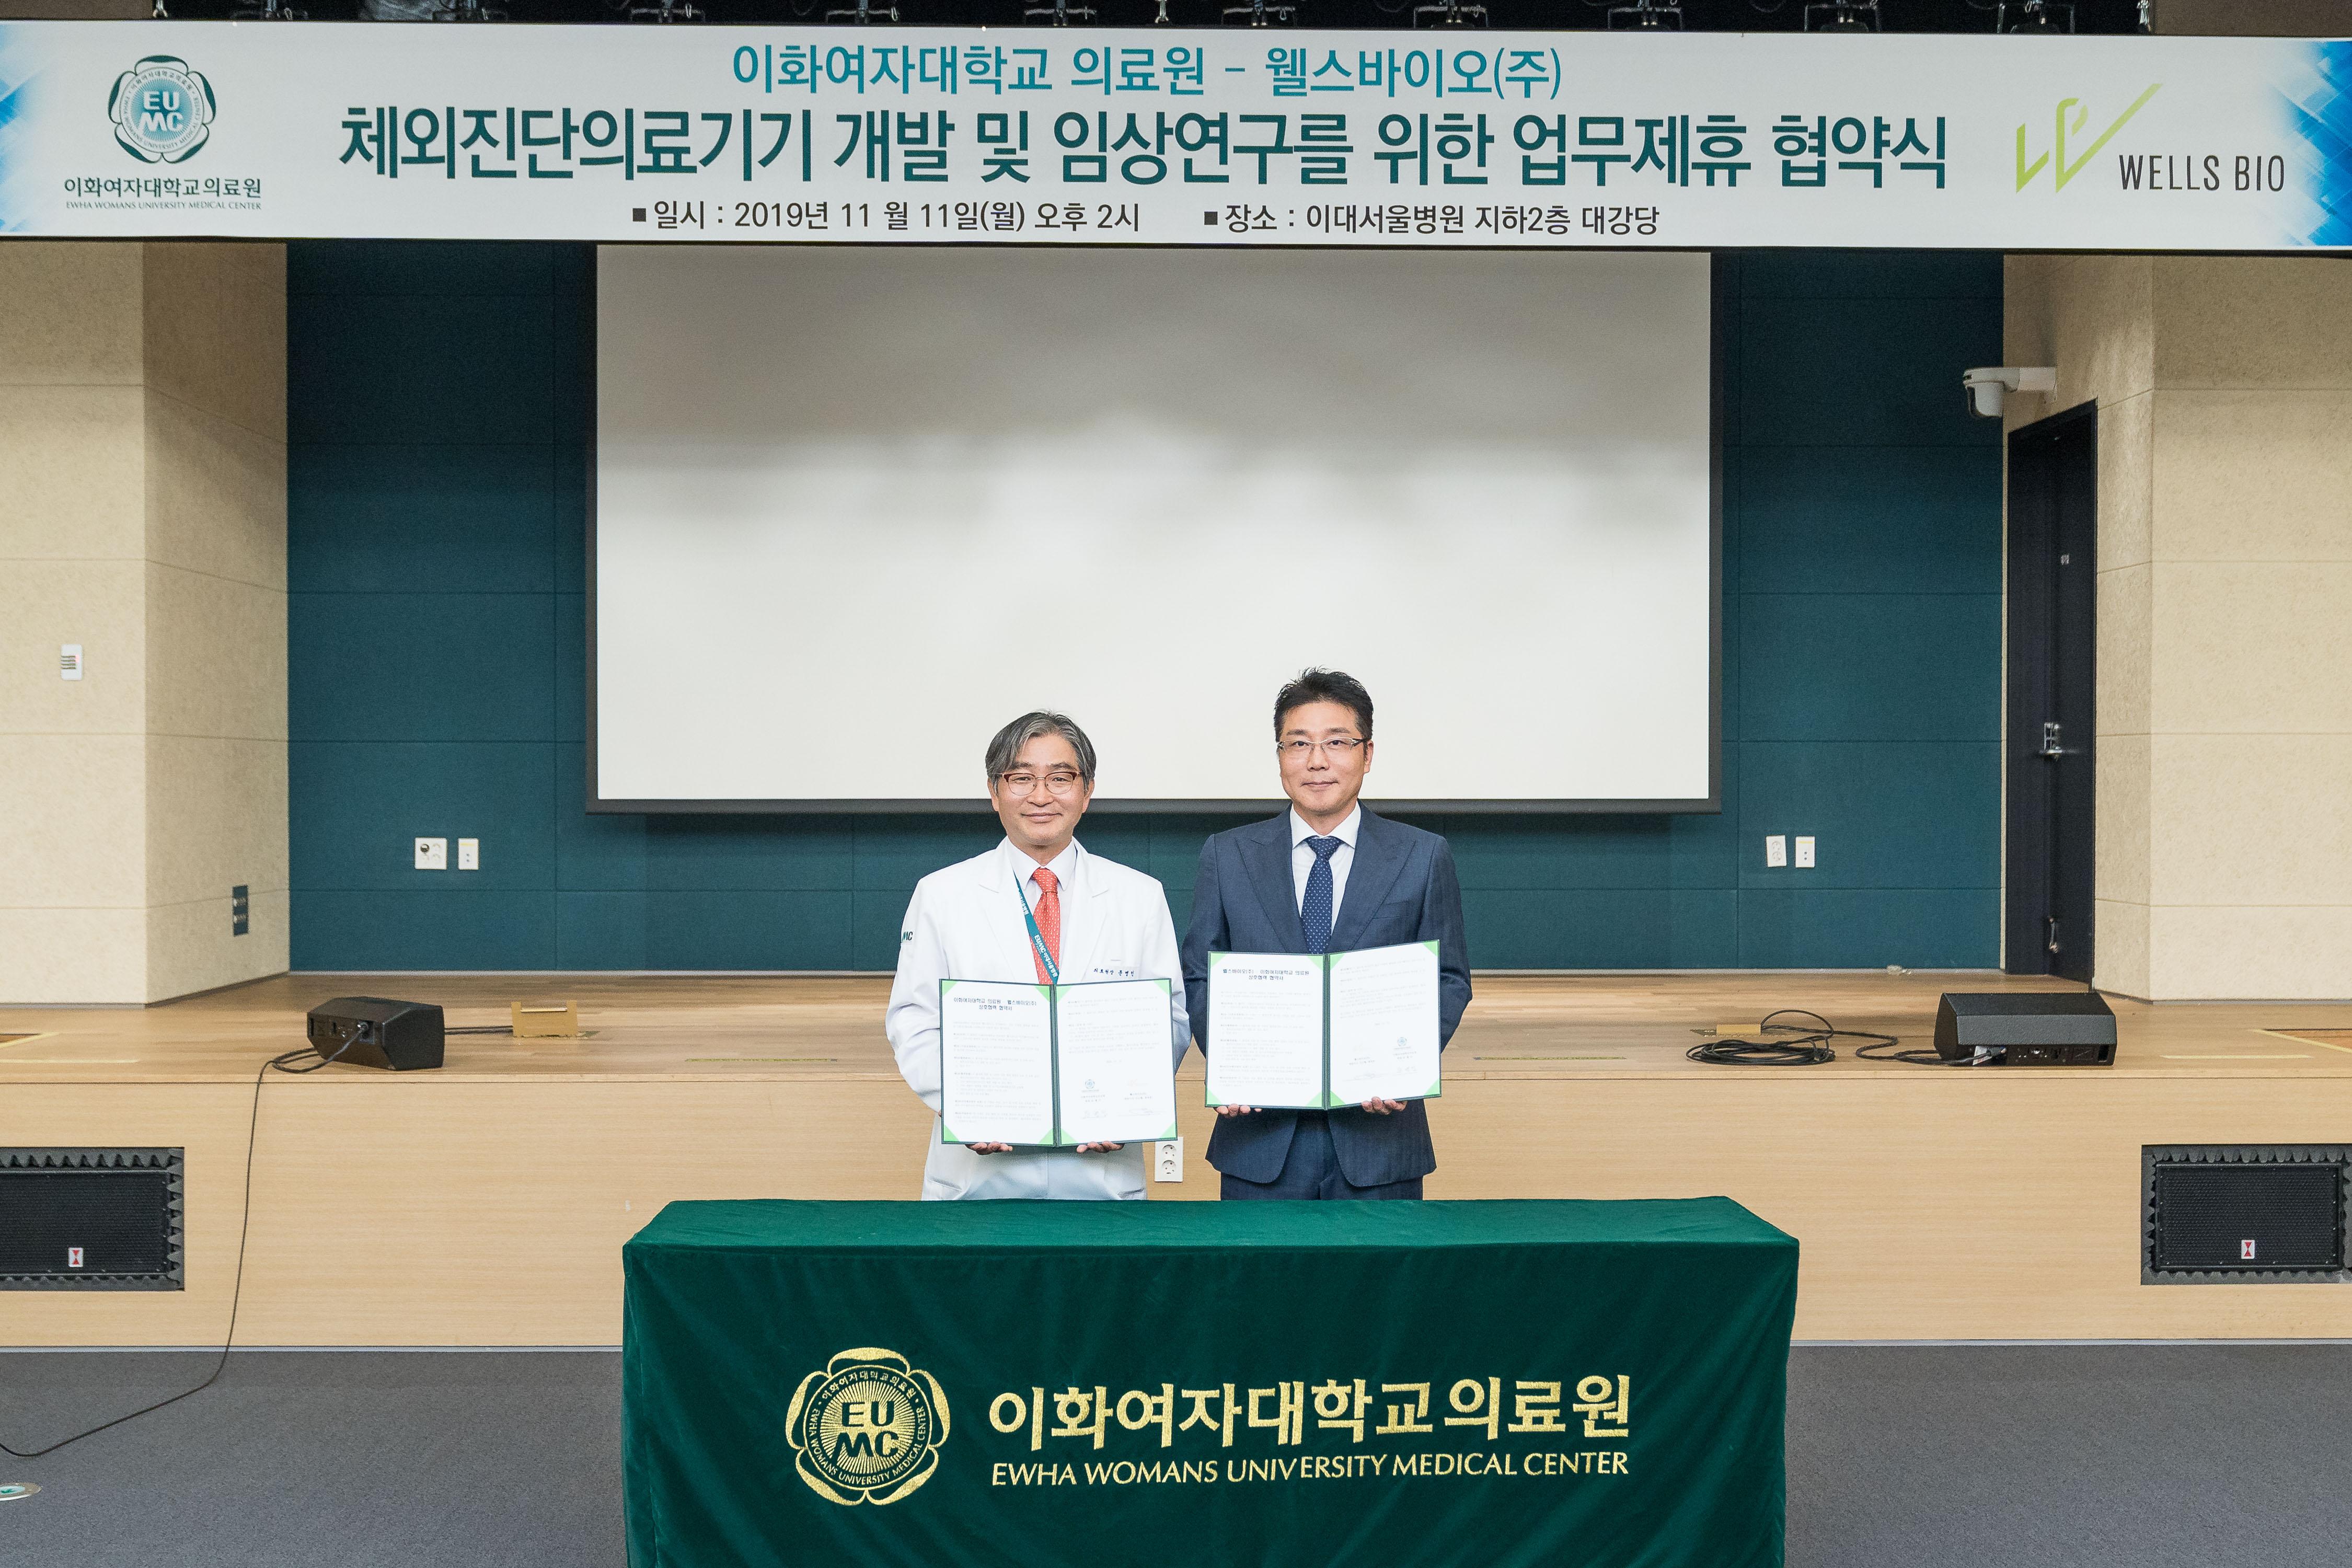 2019.11.11. <이화의료원과 웰스바이오 업무협약 체결>